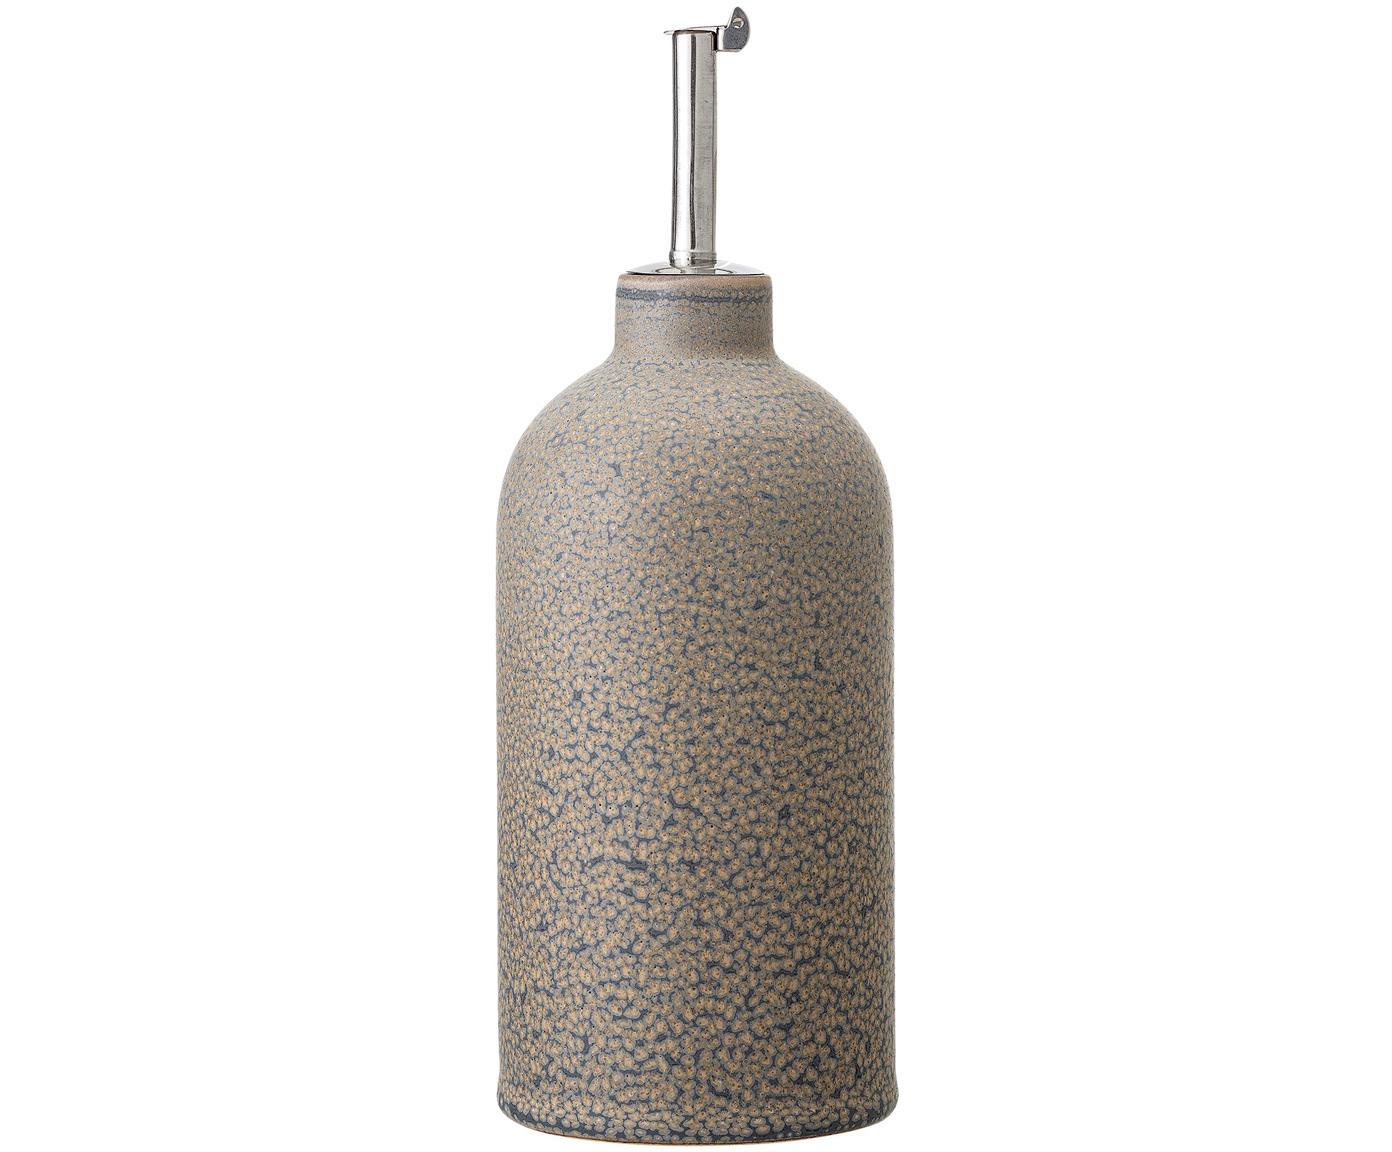 Handgefertigter Essig- und Öl-Spender Kendra, Steingut, Edelstahl, Greige, Ø 8 x H 20 cm